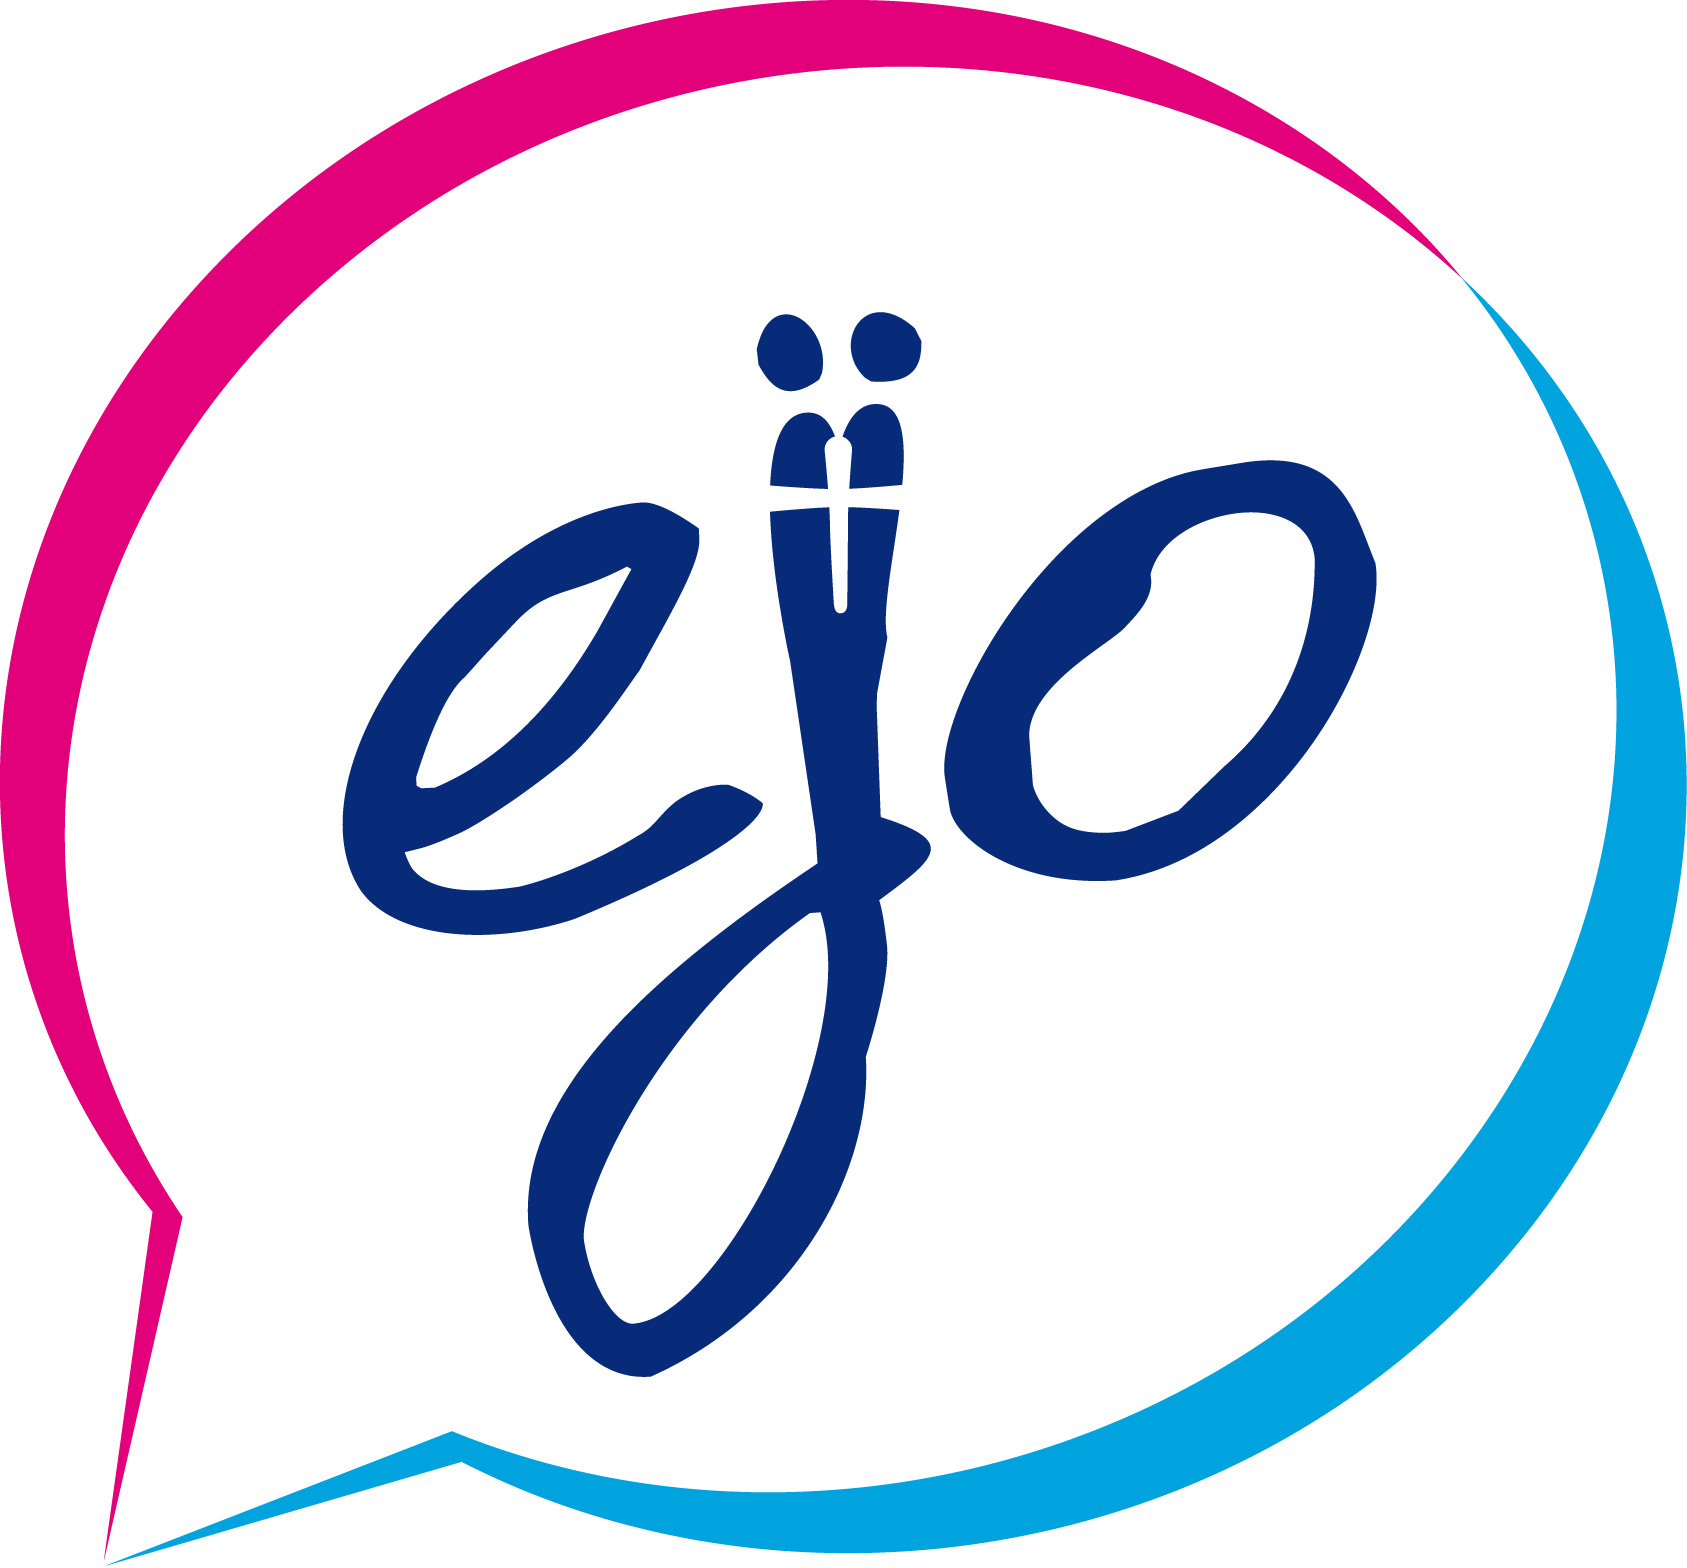 ejo.network